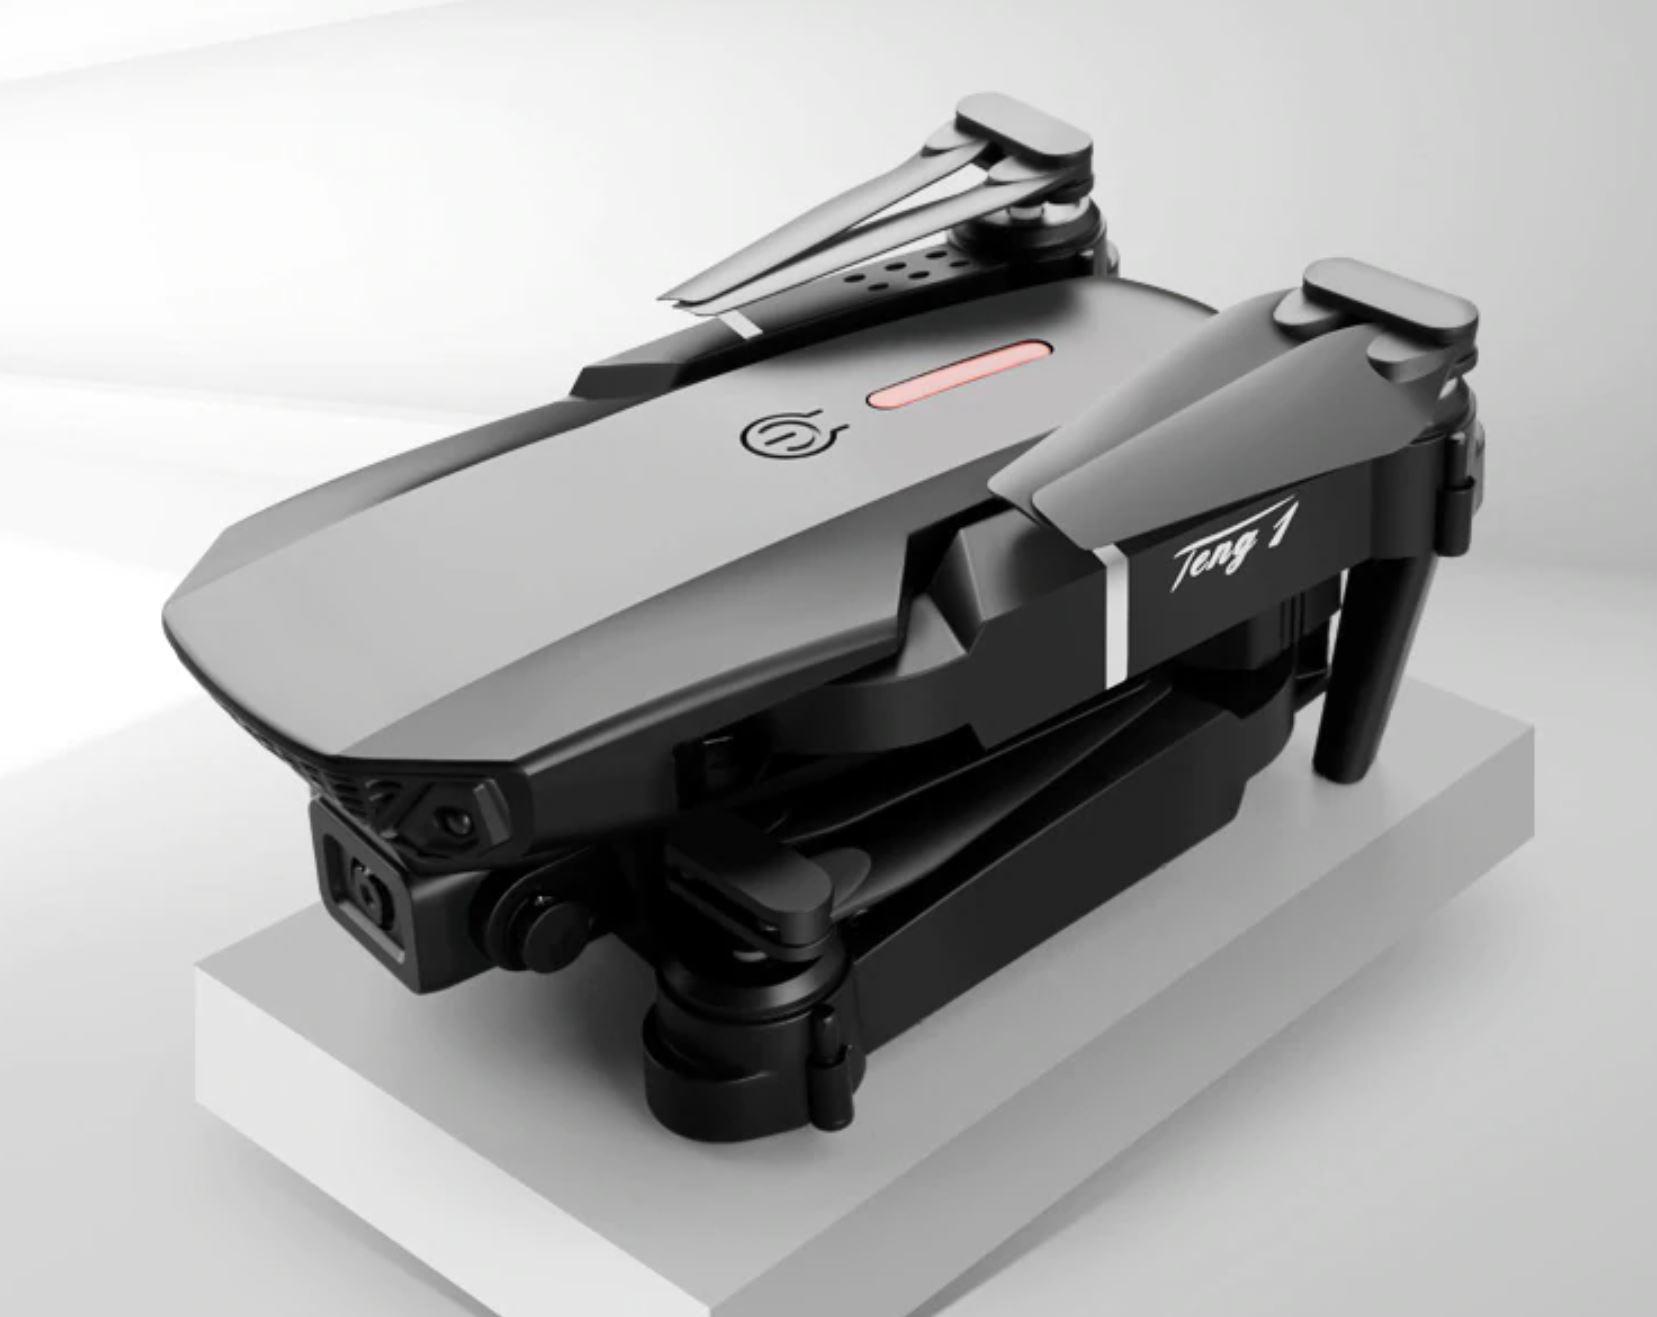 Dzień Dziecka coraz bliżej - pomysły na prezenty z Aliexpress - dron E88